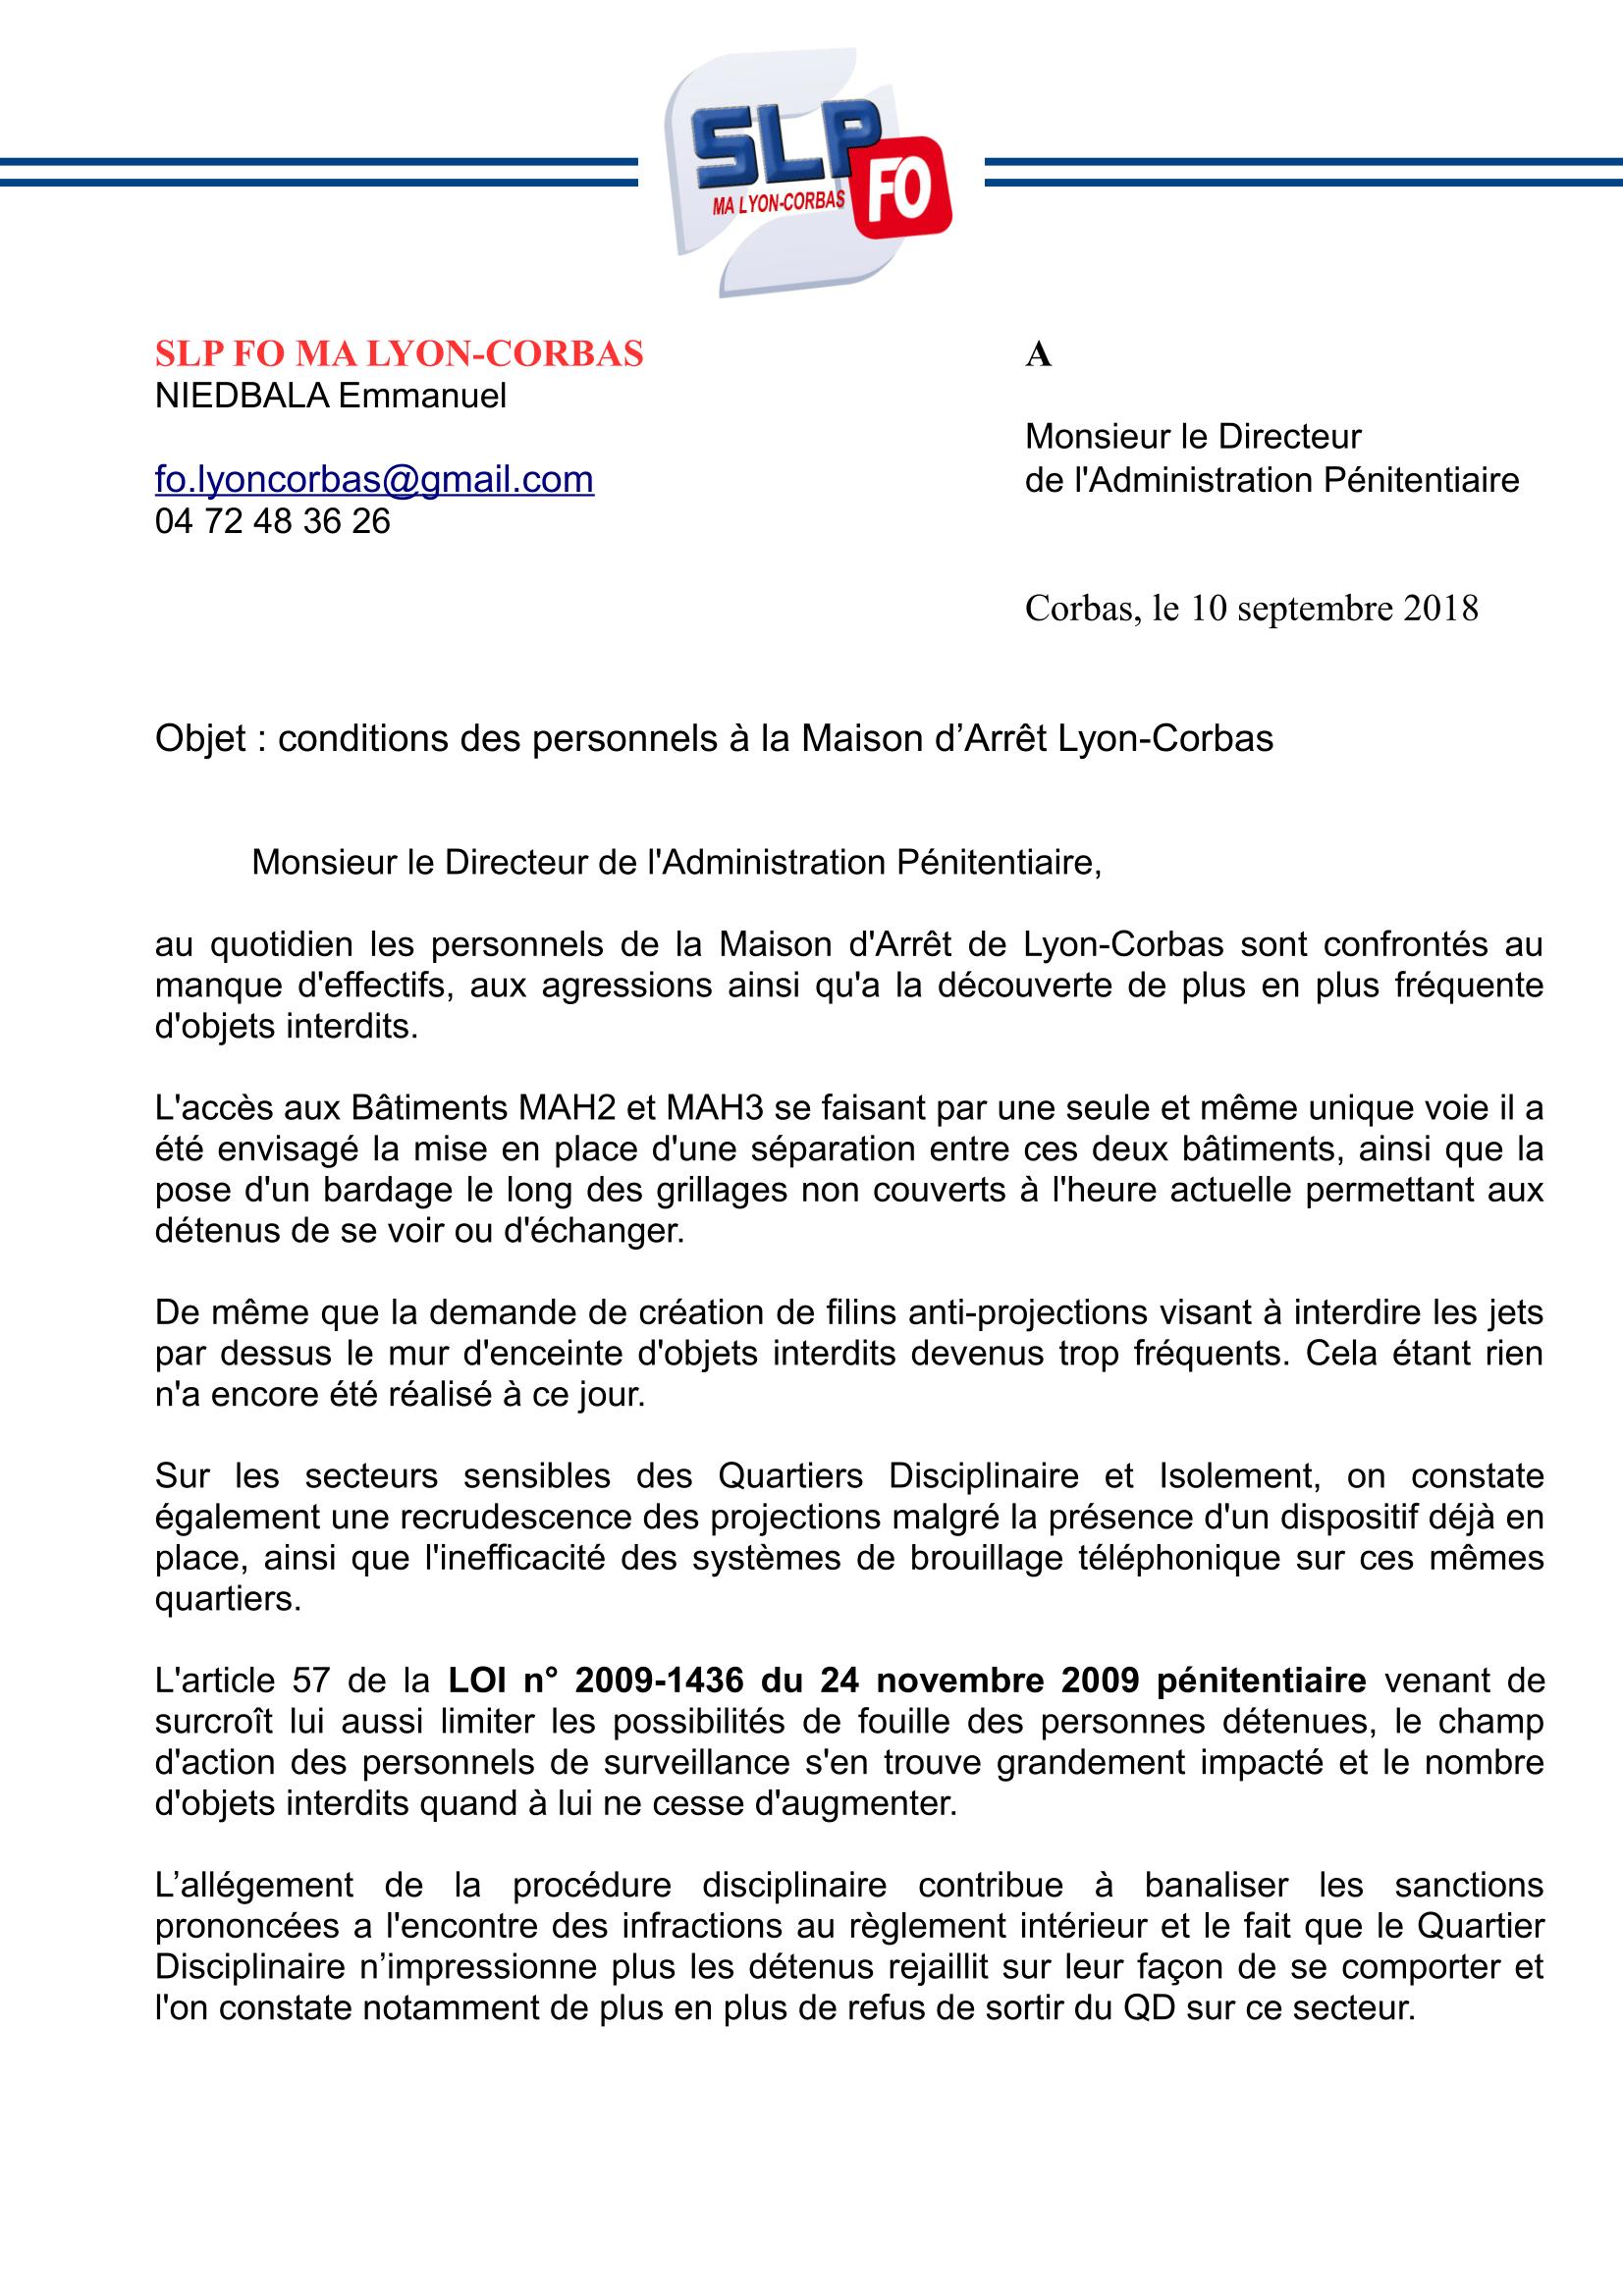 Courrier DAP SLPFO MA LYON CORBAS-1